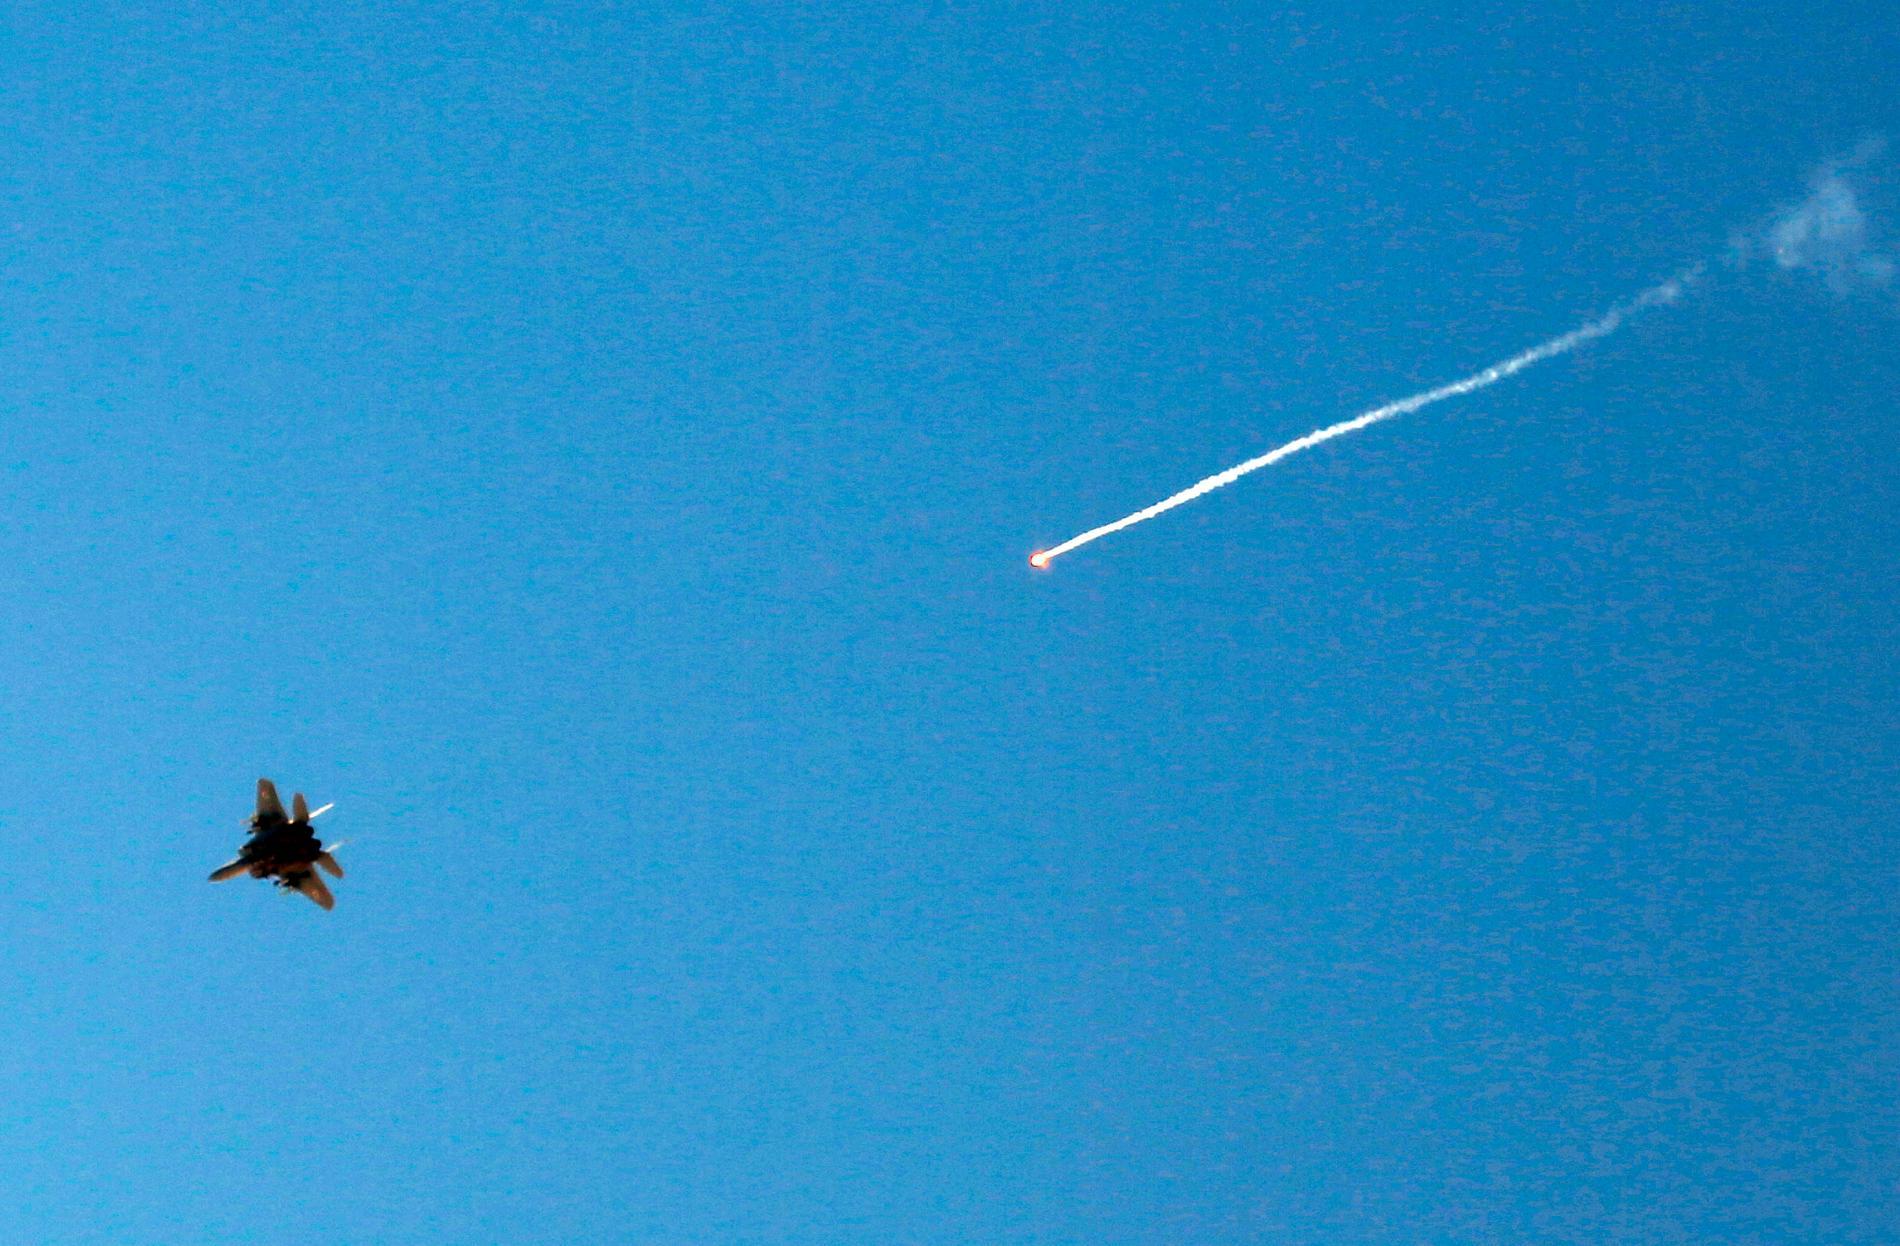 Ett israeliskt stridsflygplan. Bilden är tagen i ett annat sammanhang. Arkivbild.